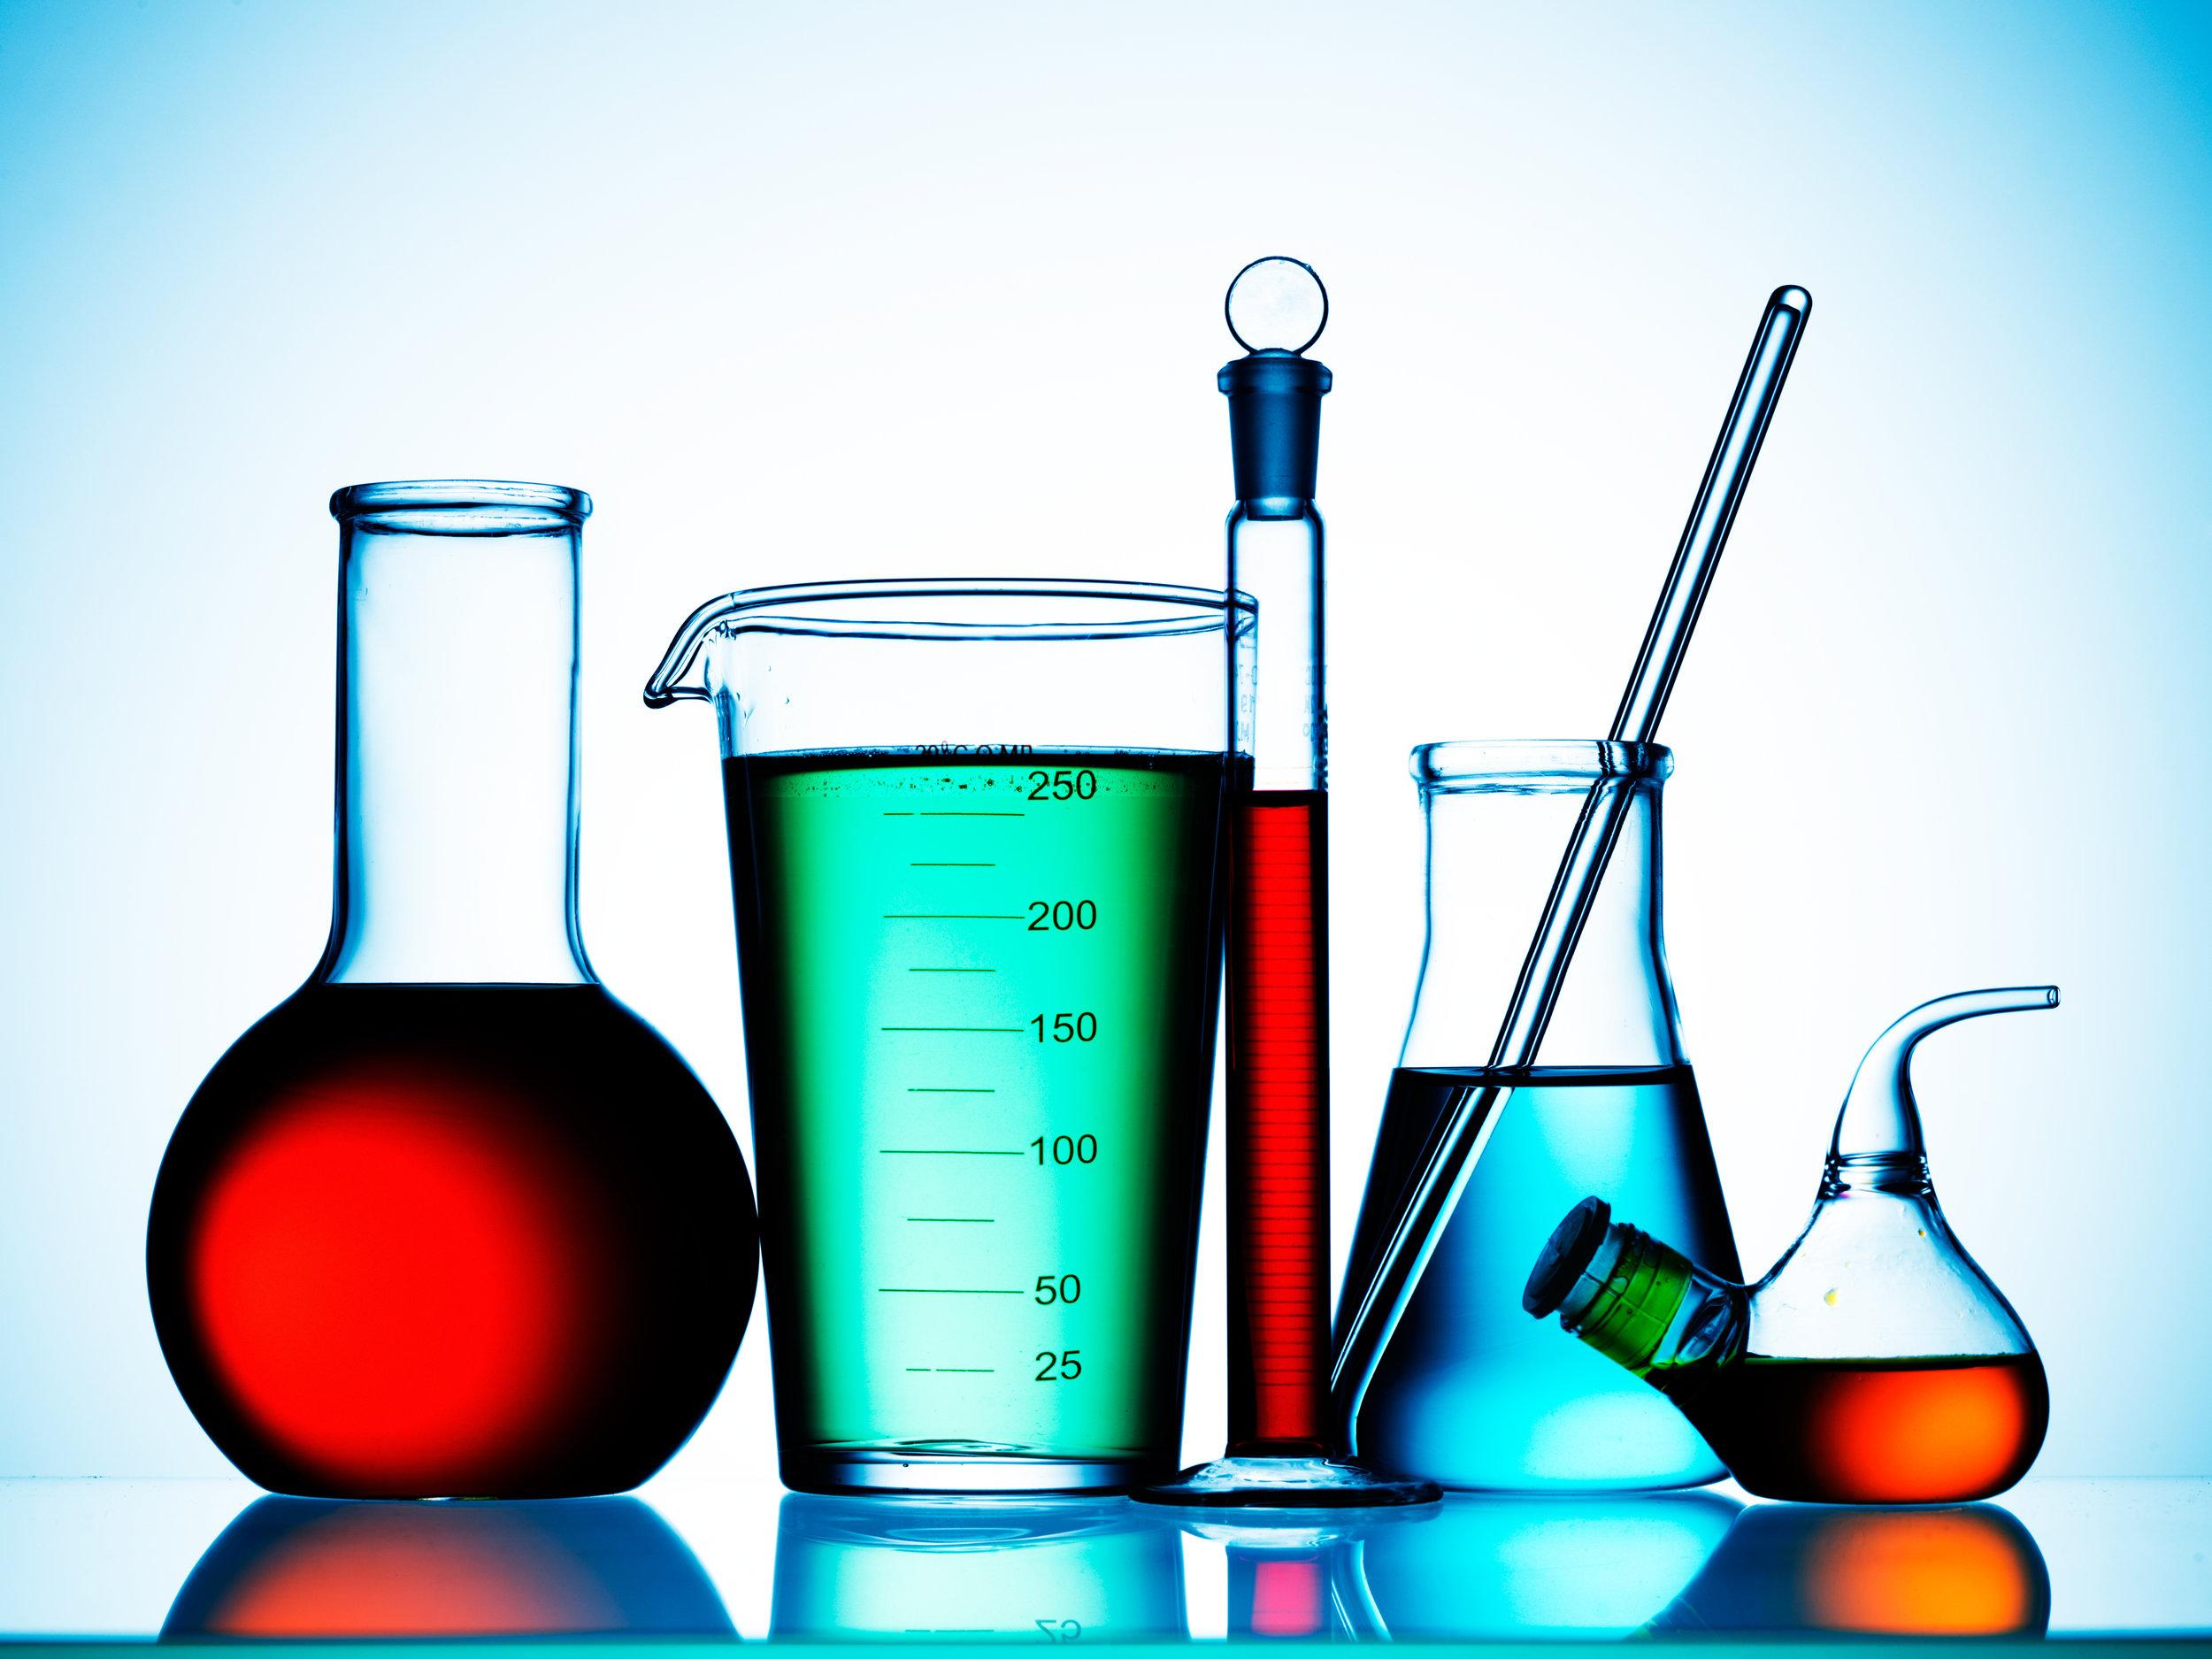 Hazardous Waste Analysis